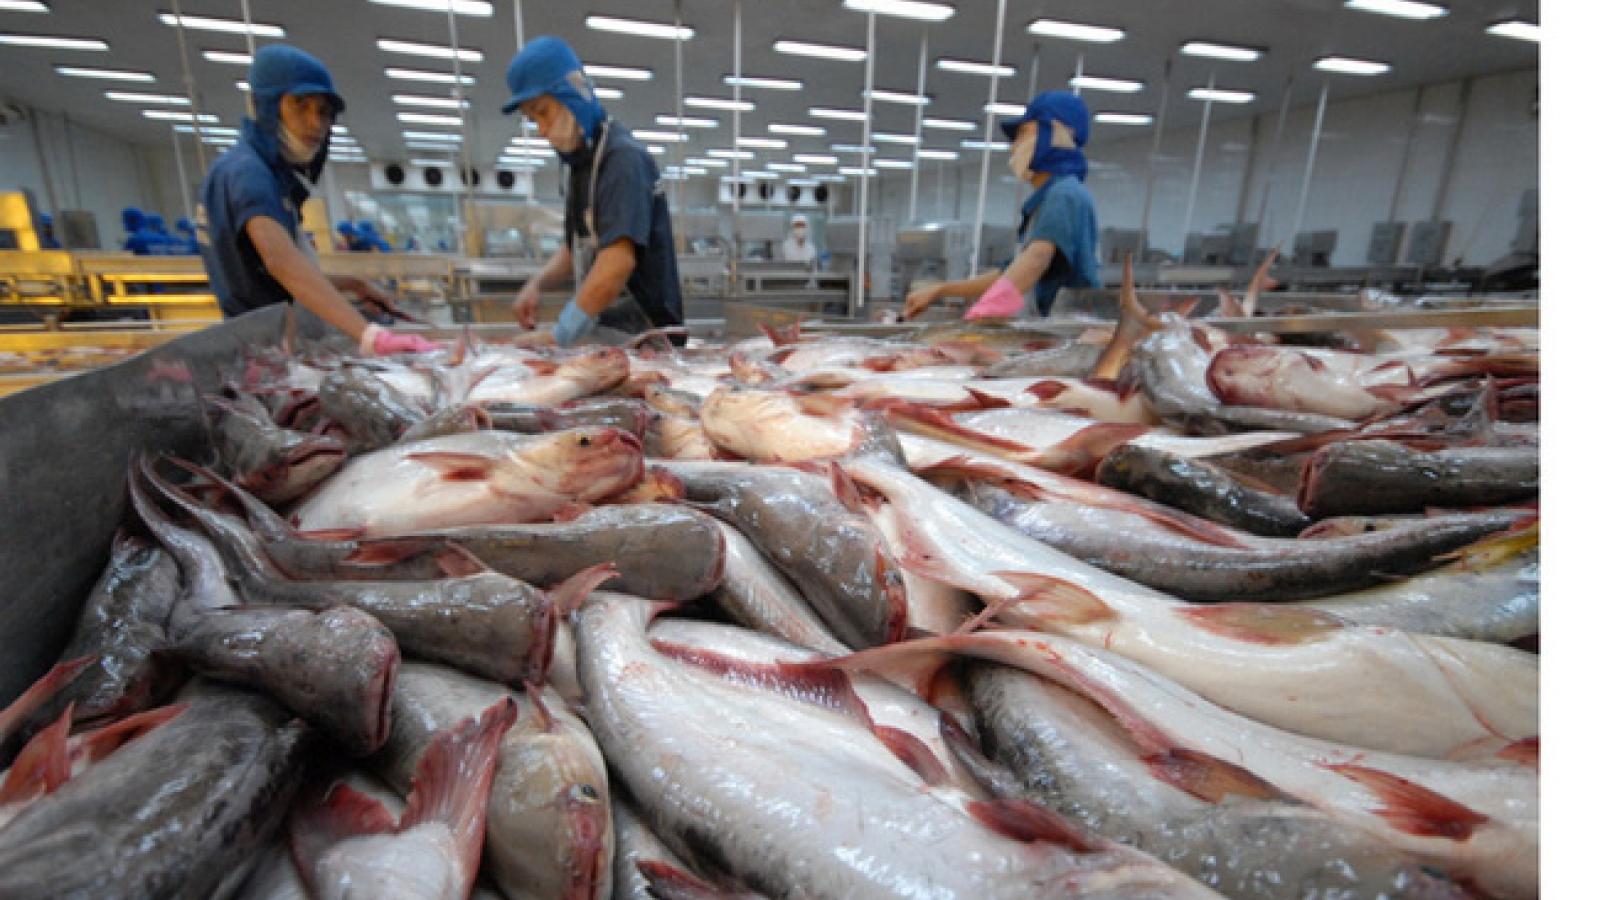 Thủy sản chiếm thế mạnh trong cơ cấu ngoại tệ xuất khẩu của Cần Thơ